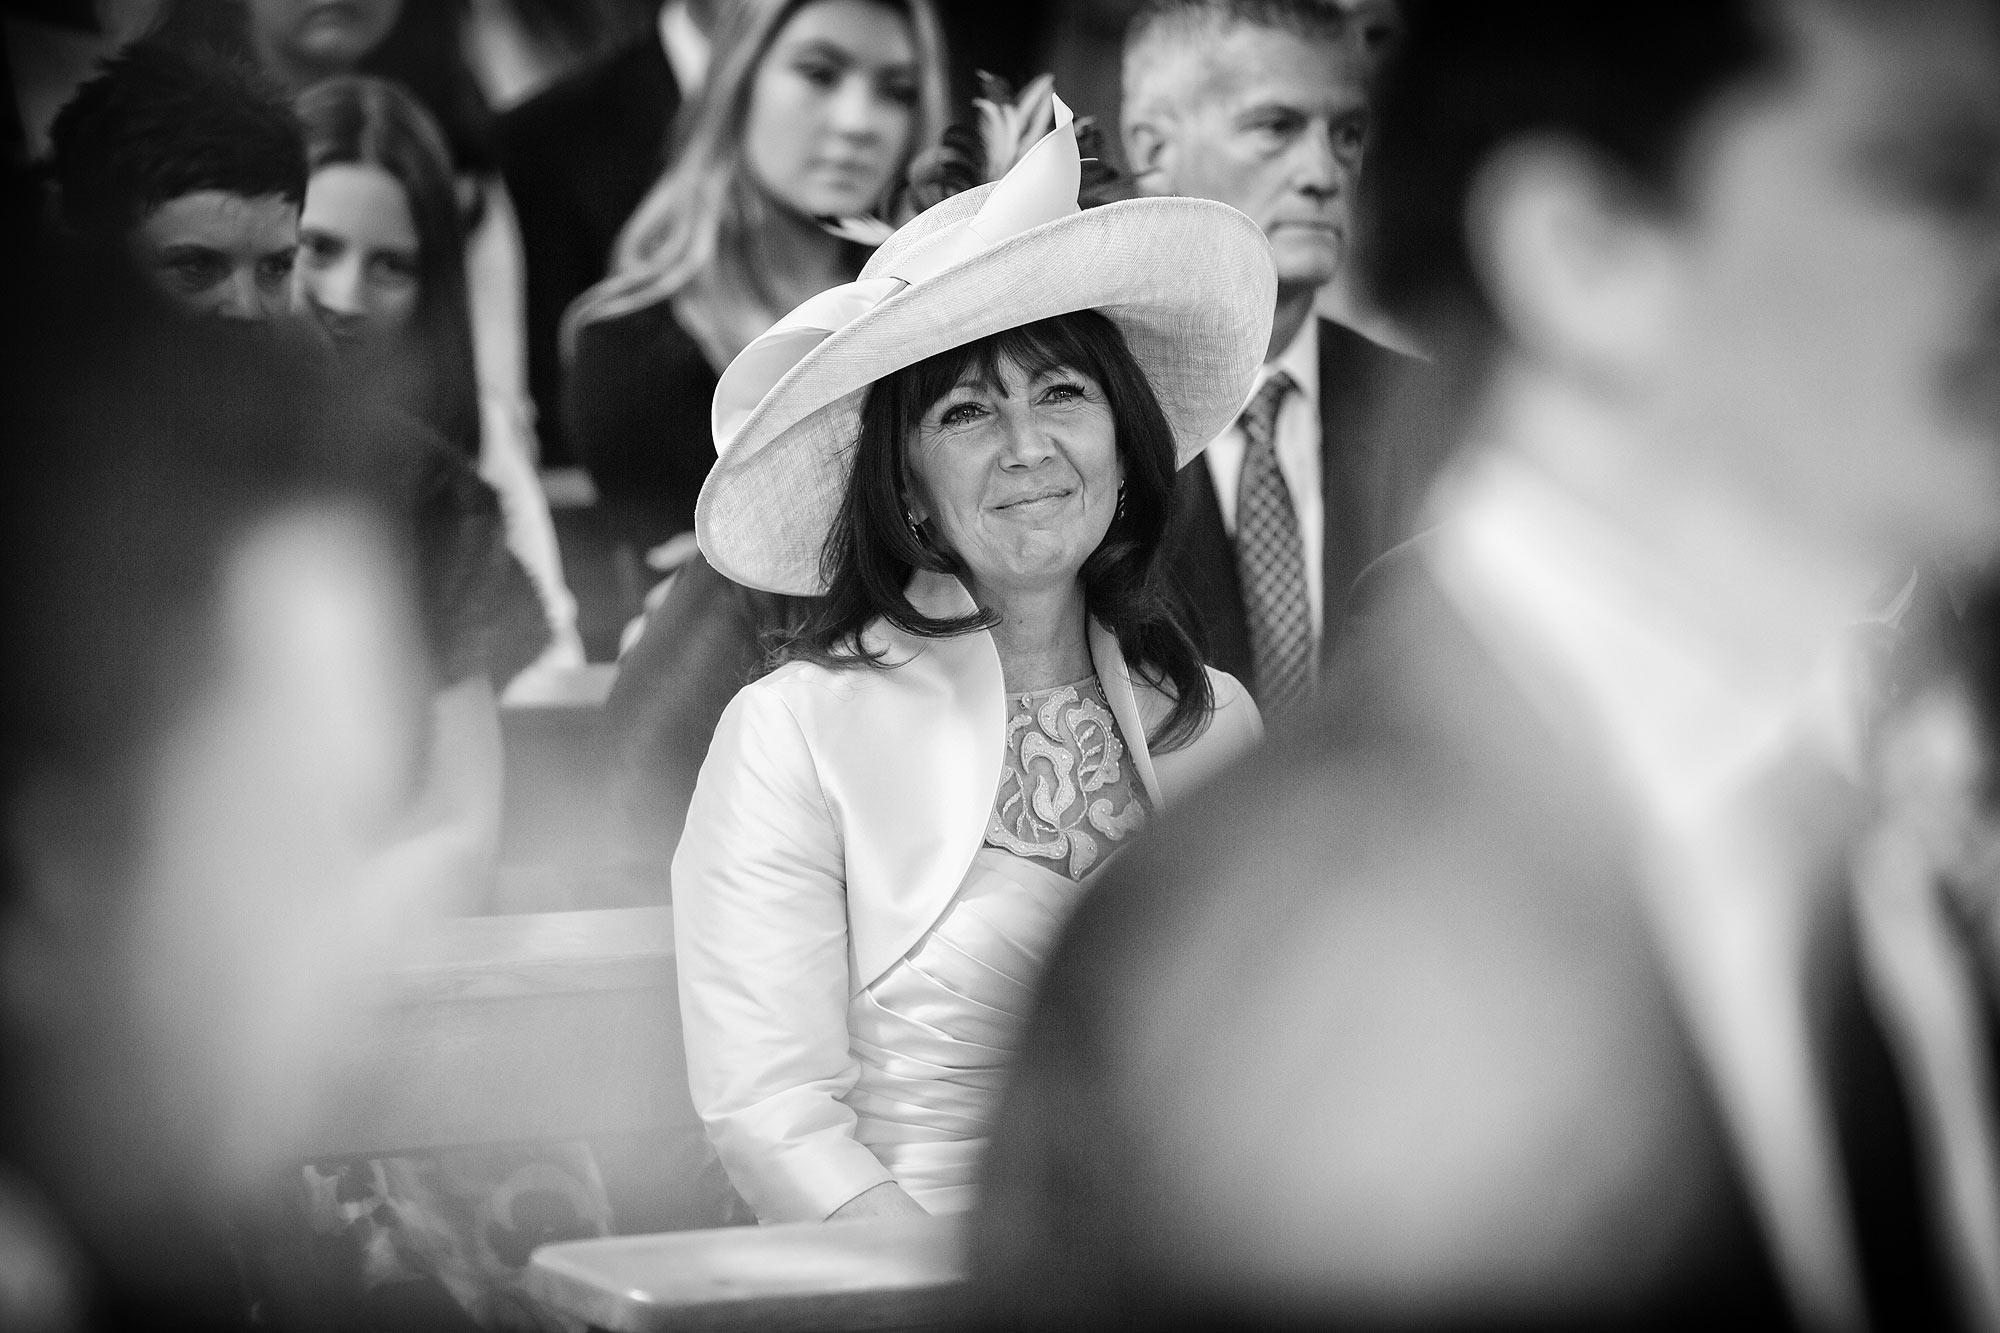 mum watches bride